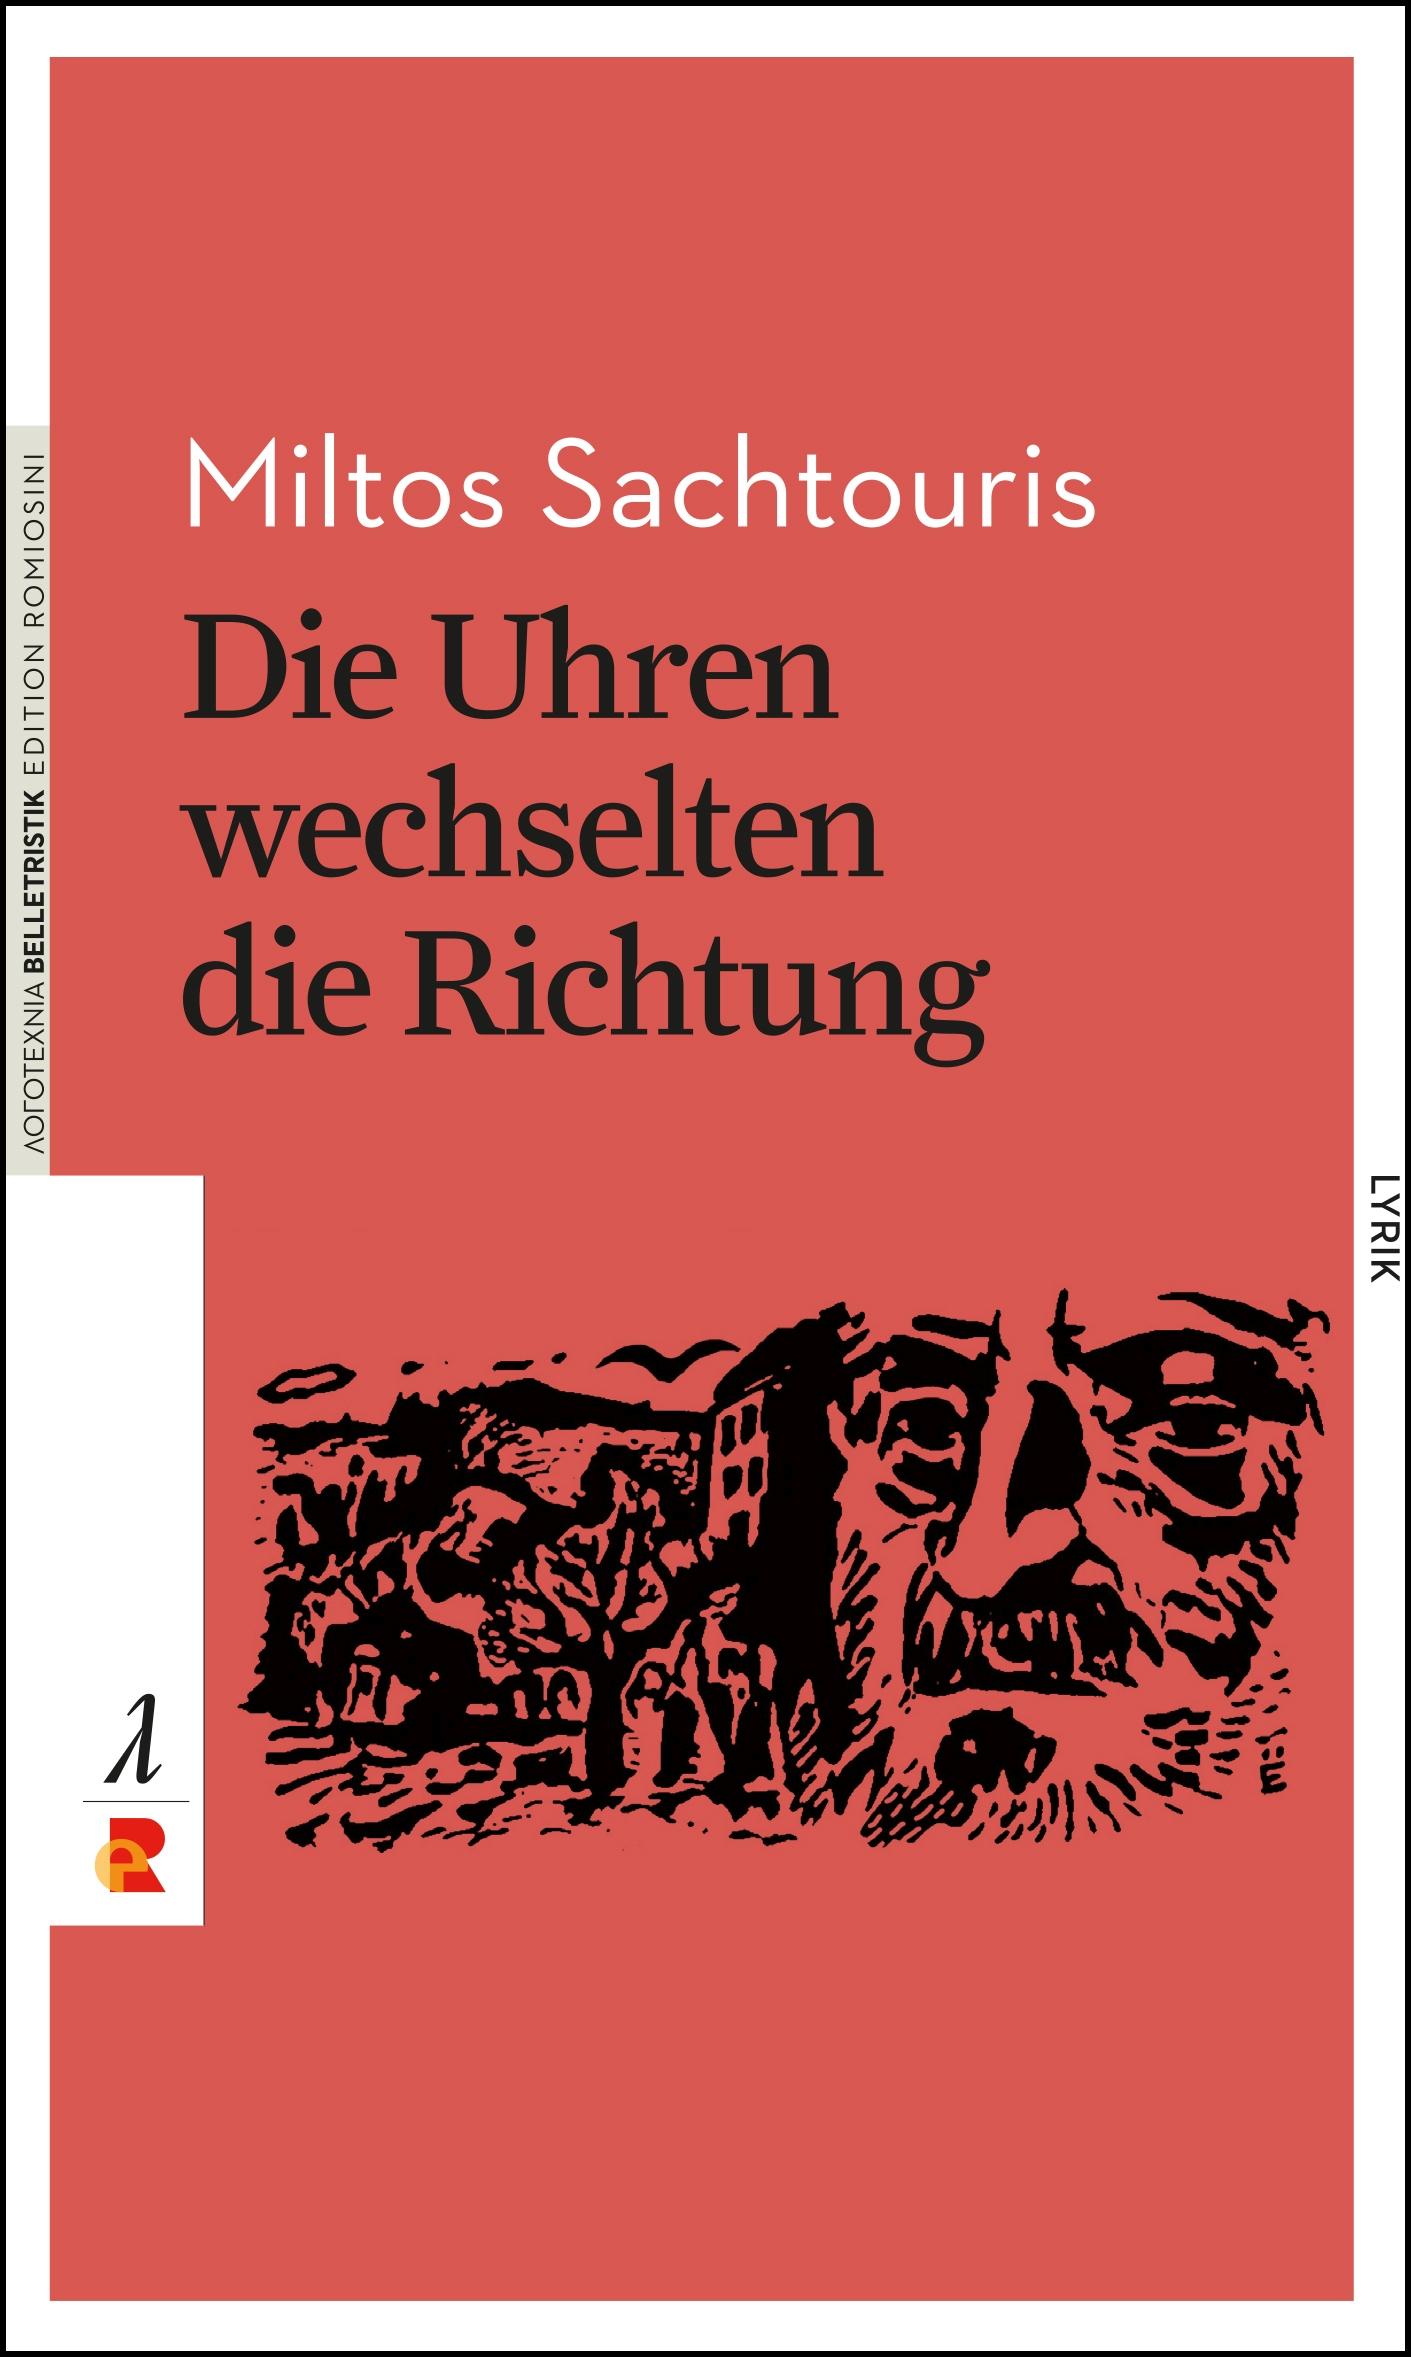 Titelbild für Die Uhren wechselten die Richtung: Gedichte 1945-1998